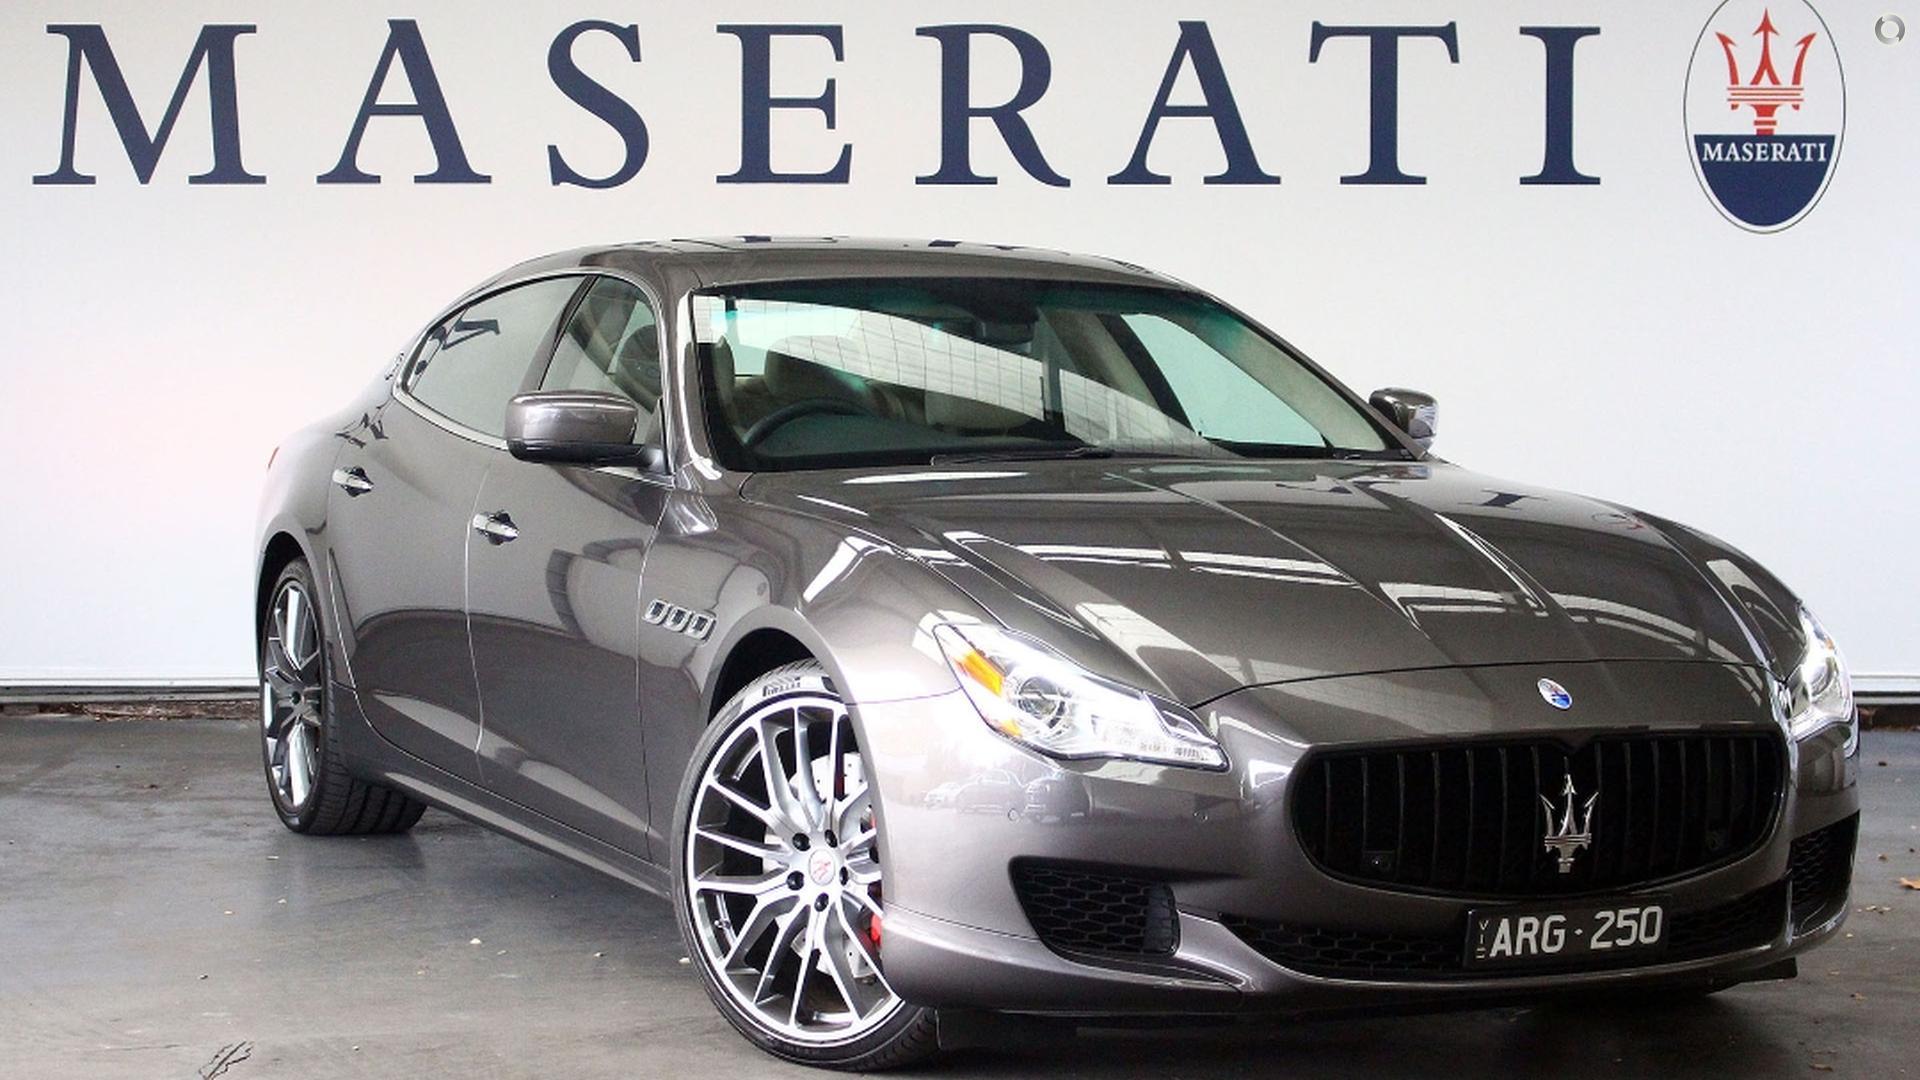 2015 Maserati Quattroporte GTS M156